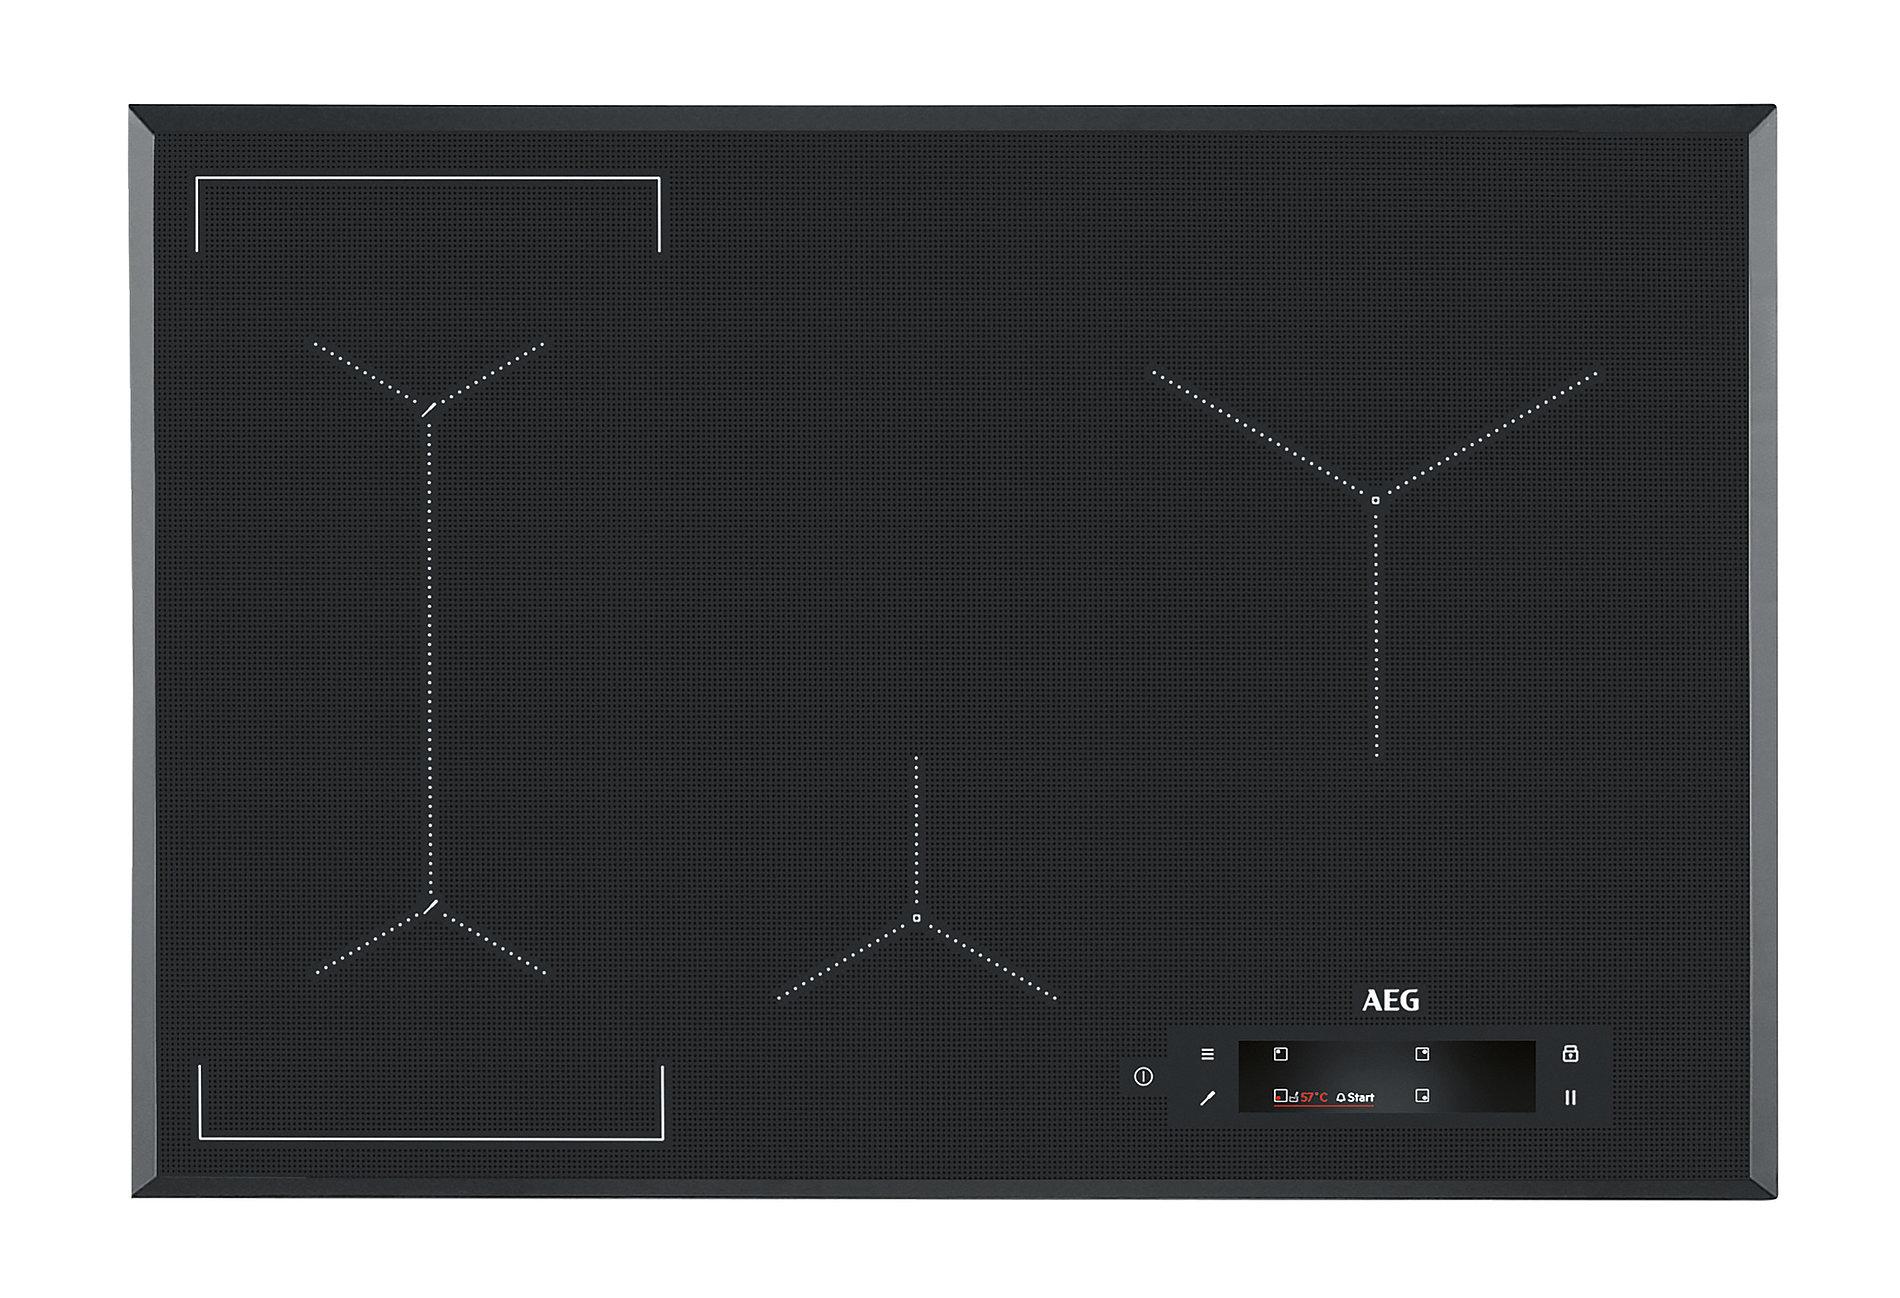 AEG SensePro | Red Dot Design Award